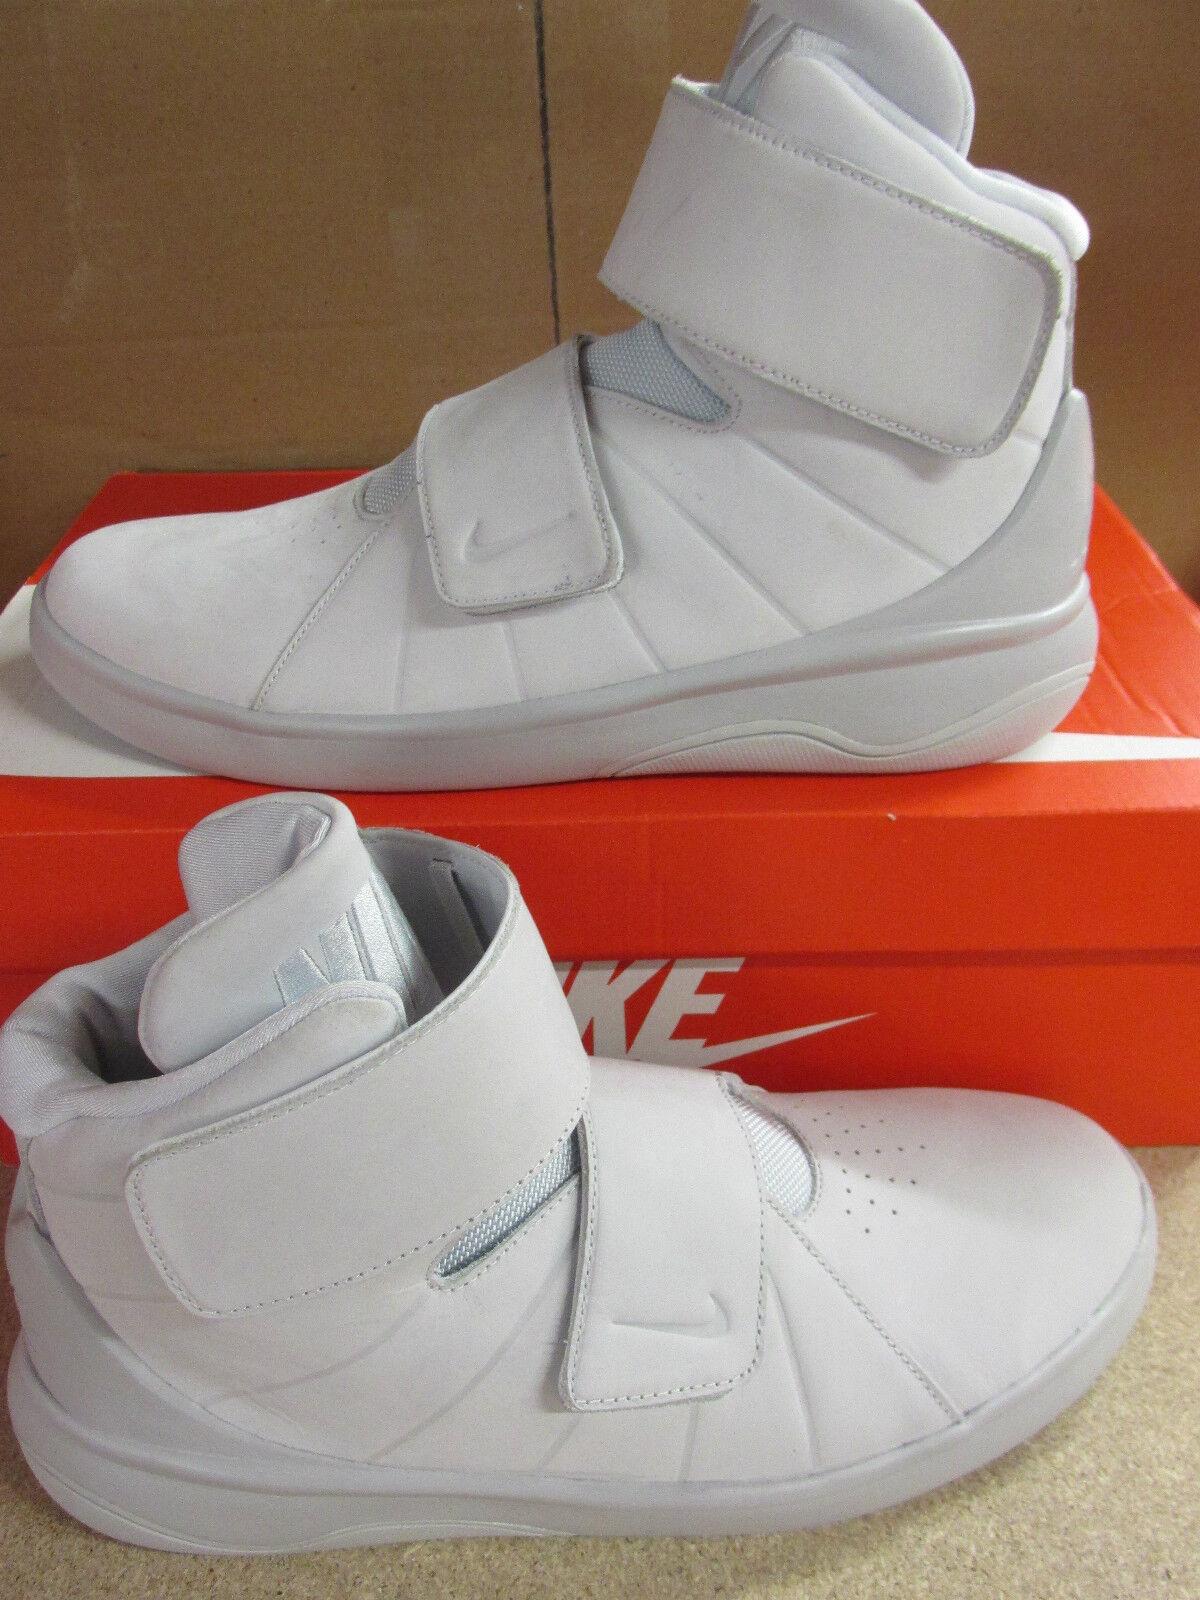 Nike Marxman PRM para Hombre Hi Top Entrenadores 832766 001 baloncesto tenis Zapatos  de baloncesto 001 e2cb82